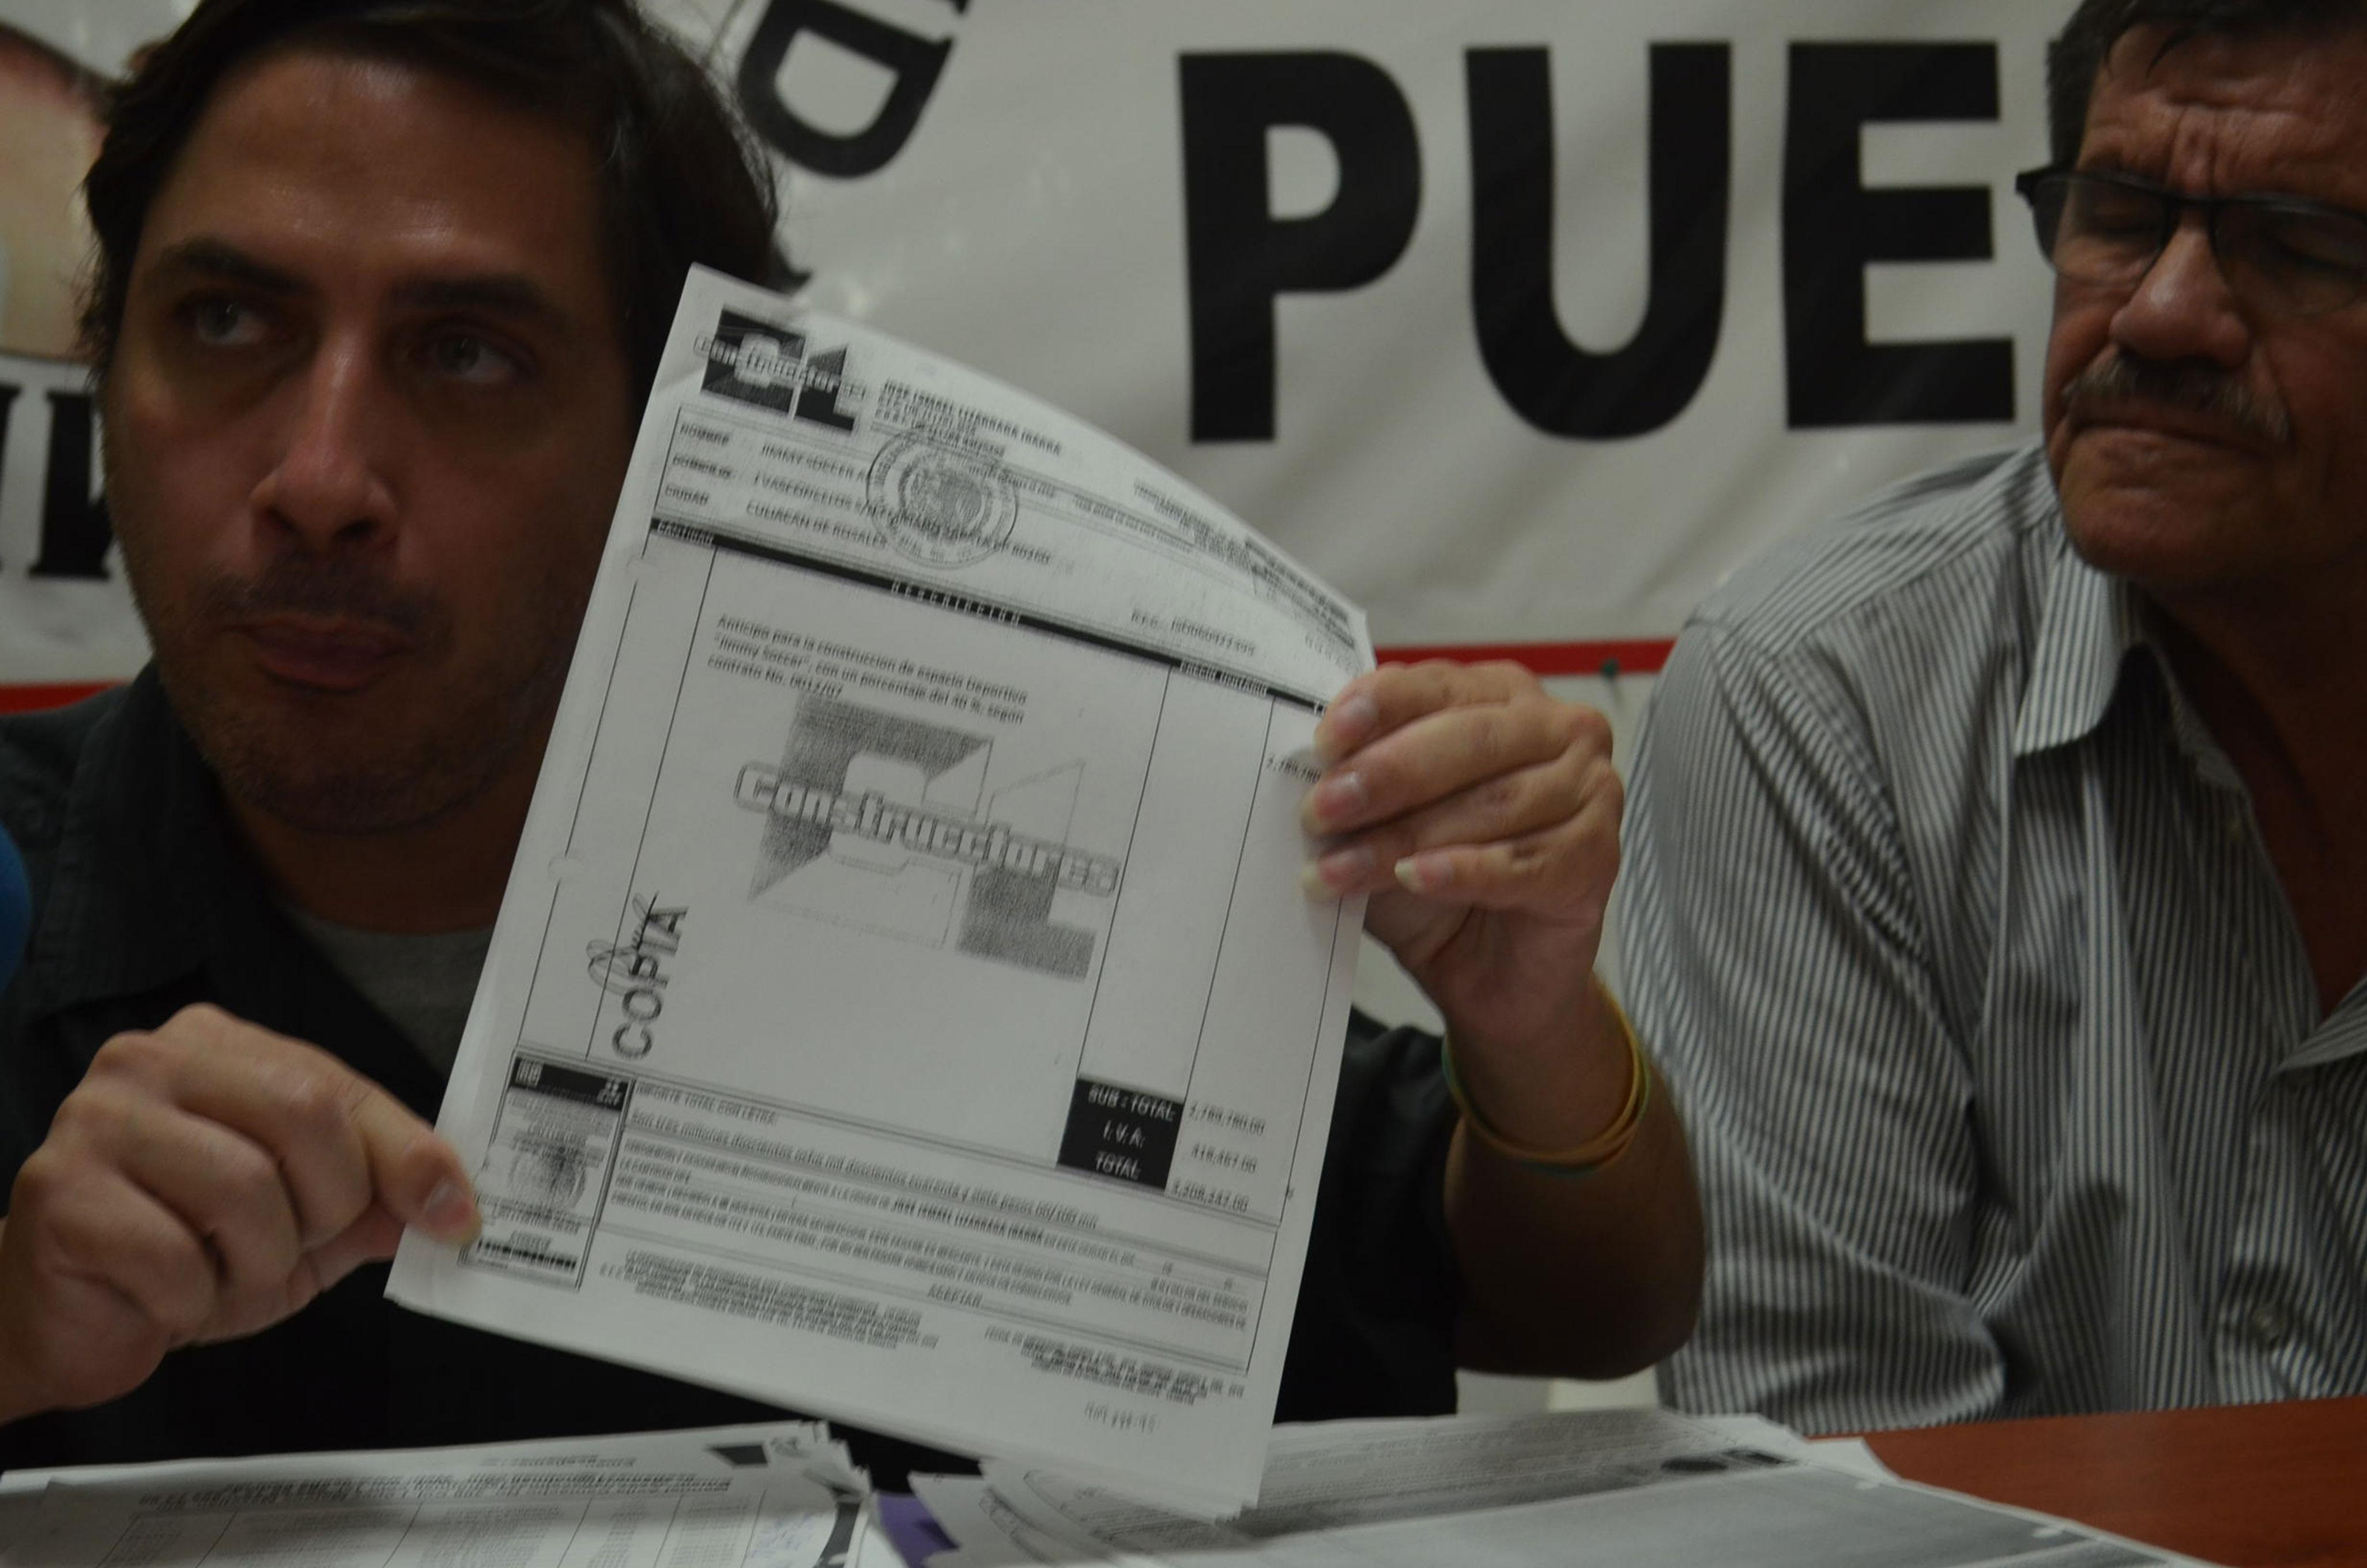 Ernesto Seldaña exhibiendo pruebas que afirman la ilegitimidad de las pruebas presentadas durante el caso de Jimmy Ruiz. Foto: Gabriela Sánchez.